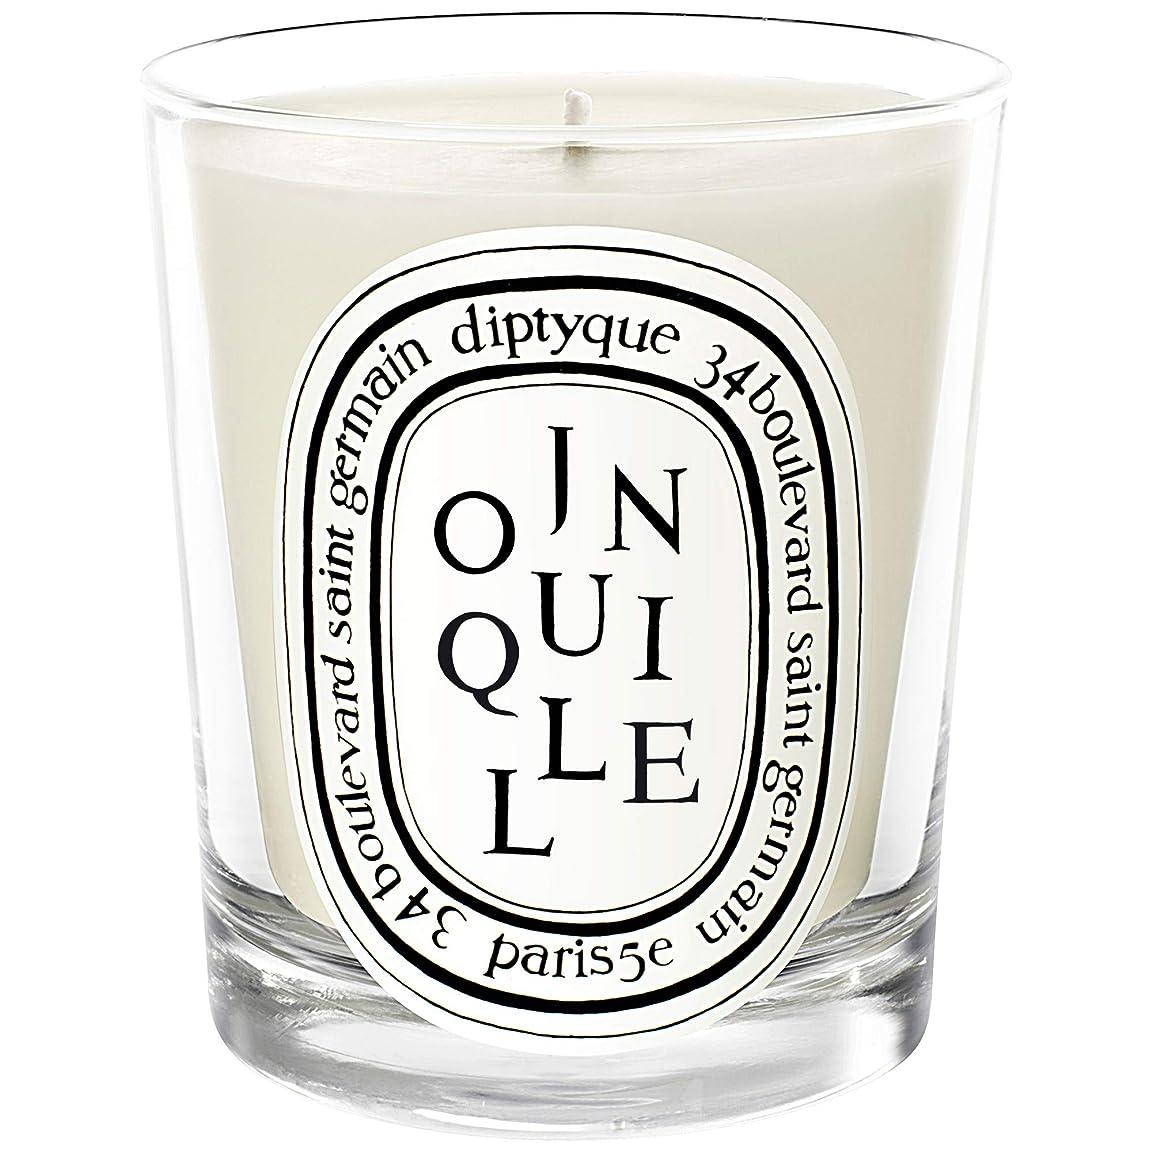 ちらつきマダムラベル[Diptyque] Diptyque Jonquilleキャンドル190グラム - Diptyque Jonquille Candle 190g [並行輸入品]